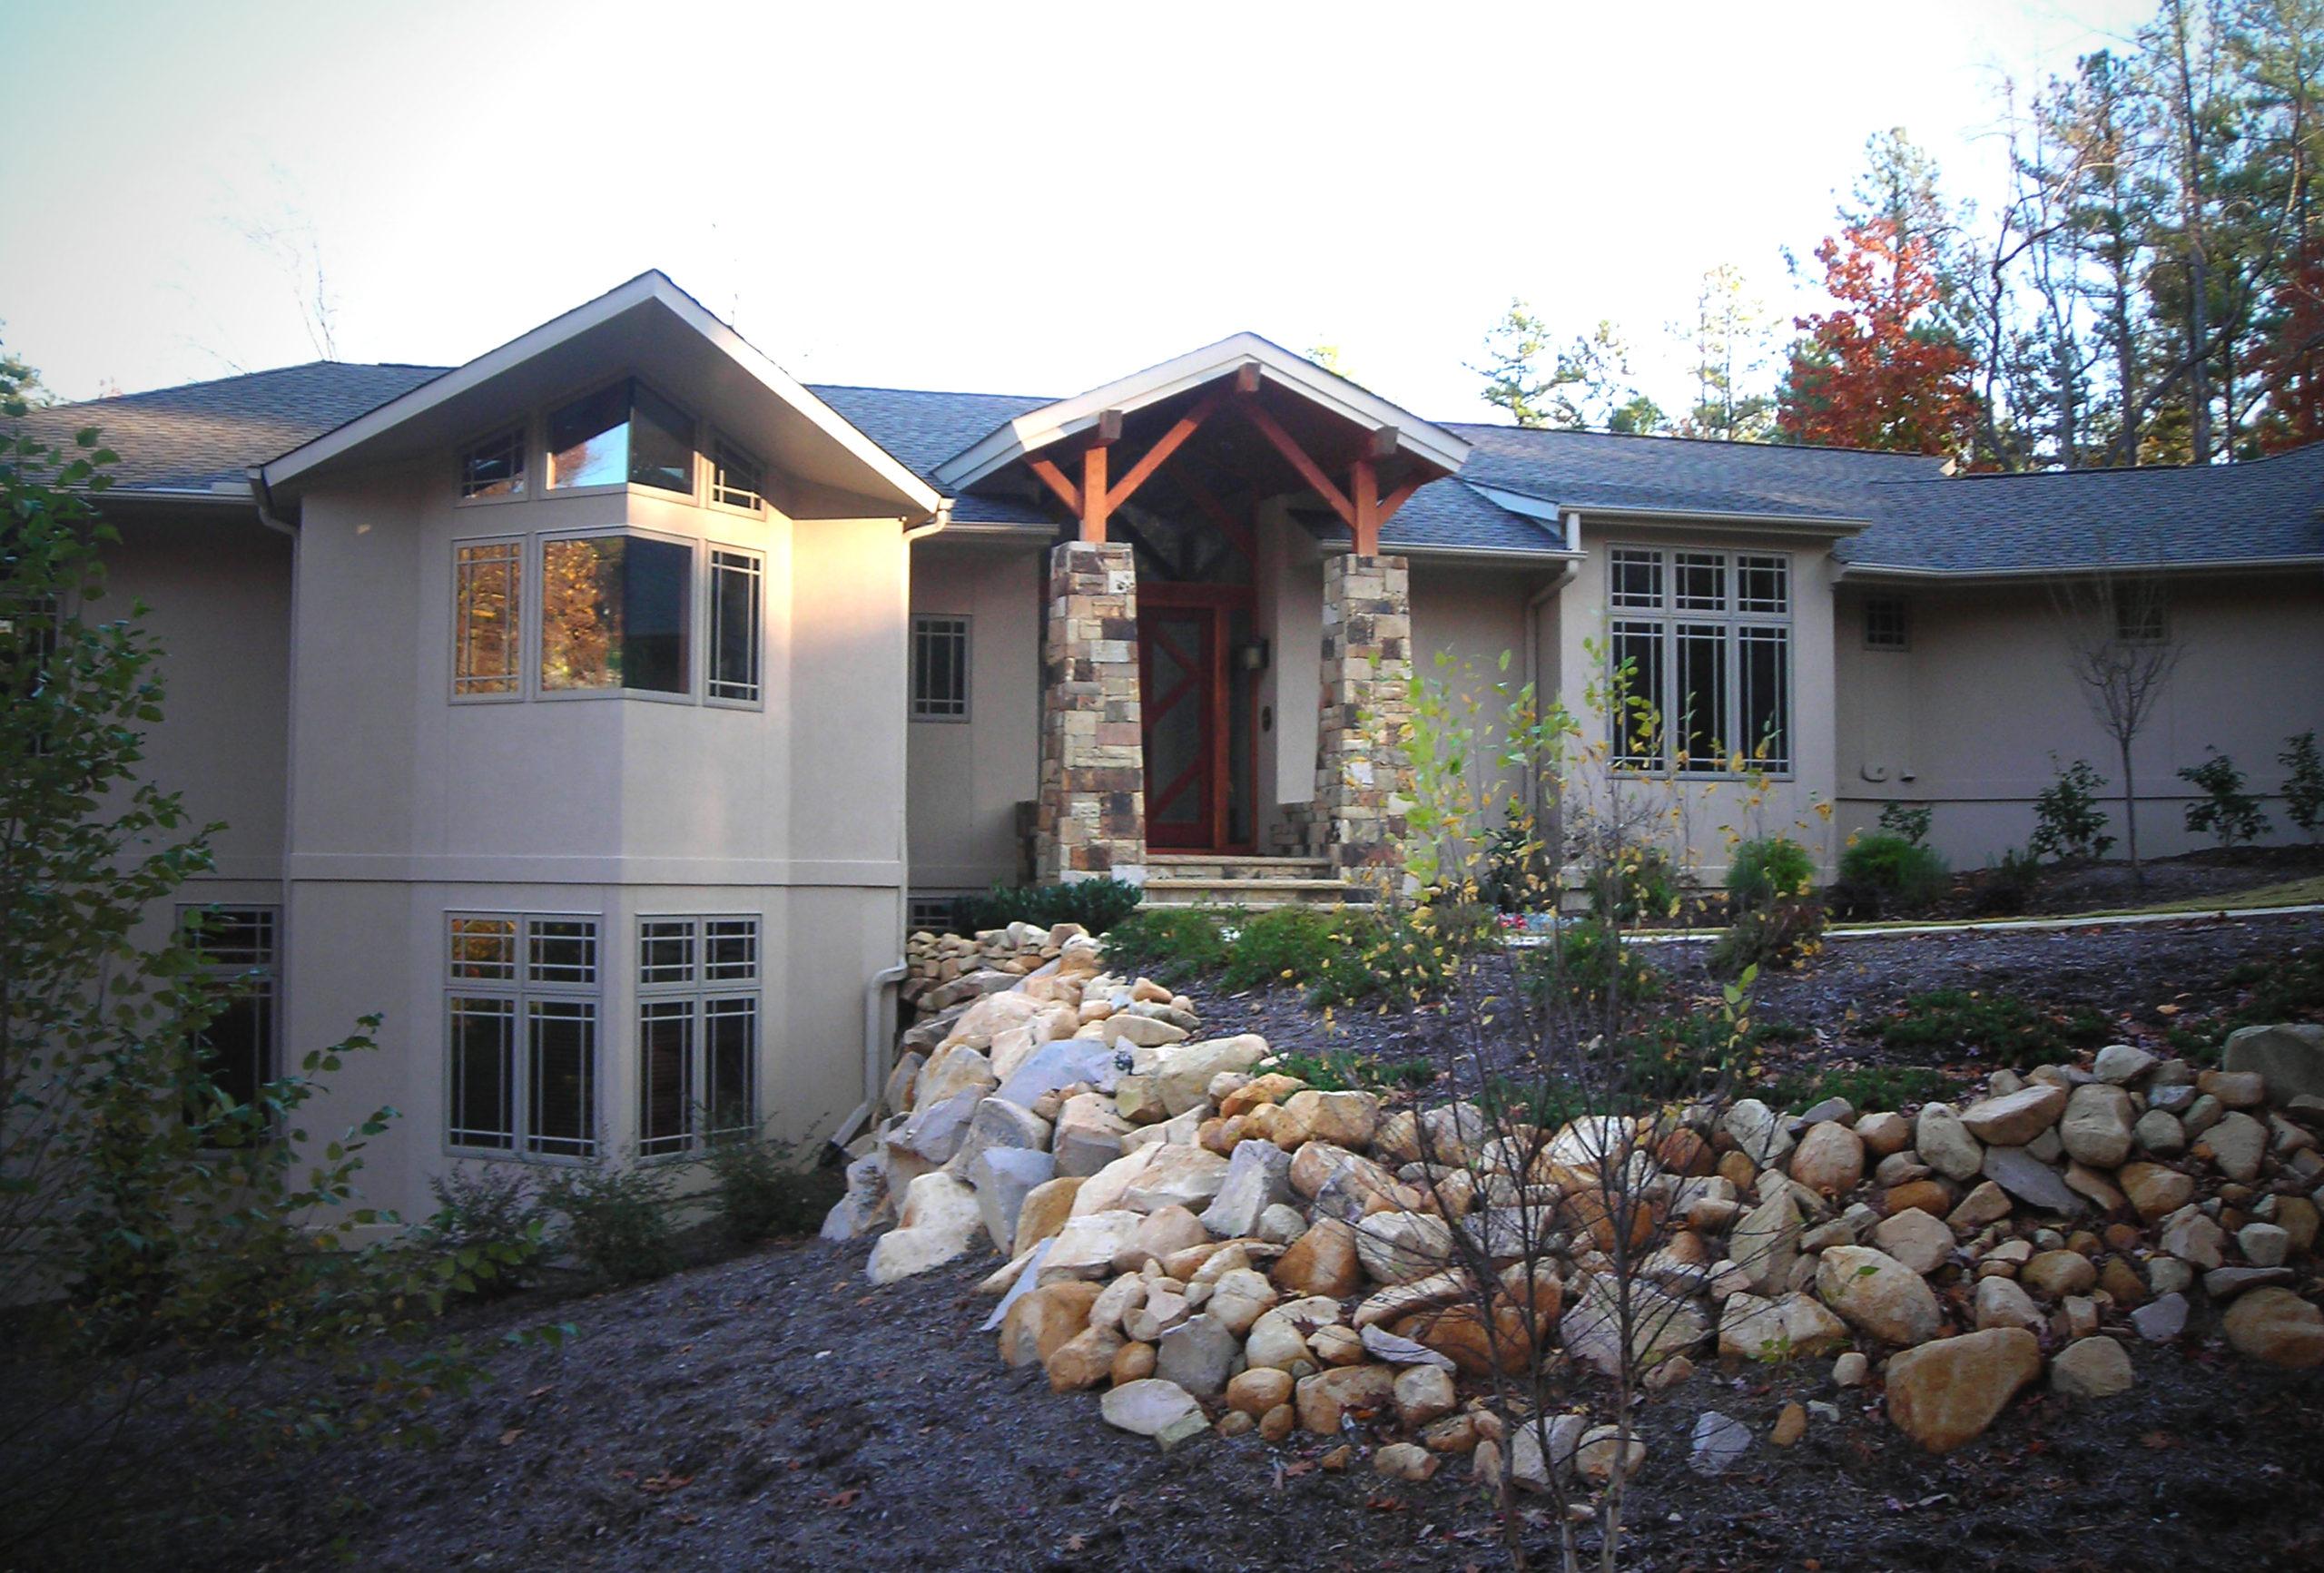 Photo of a custom home exterior.